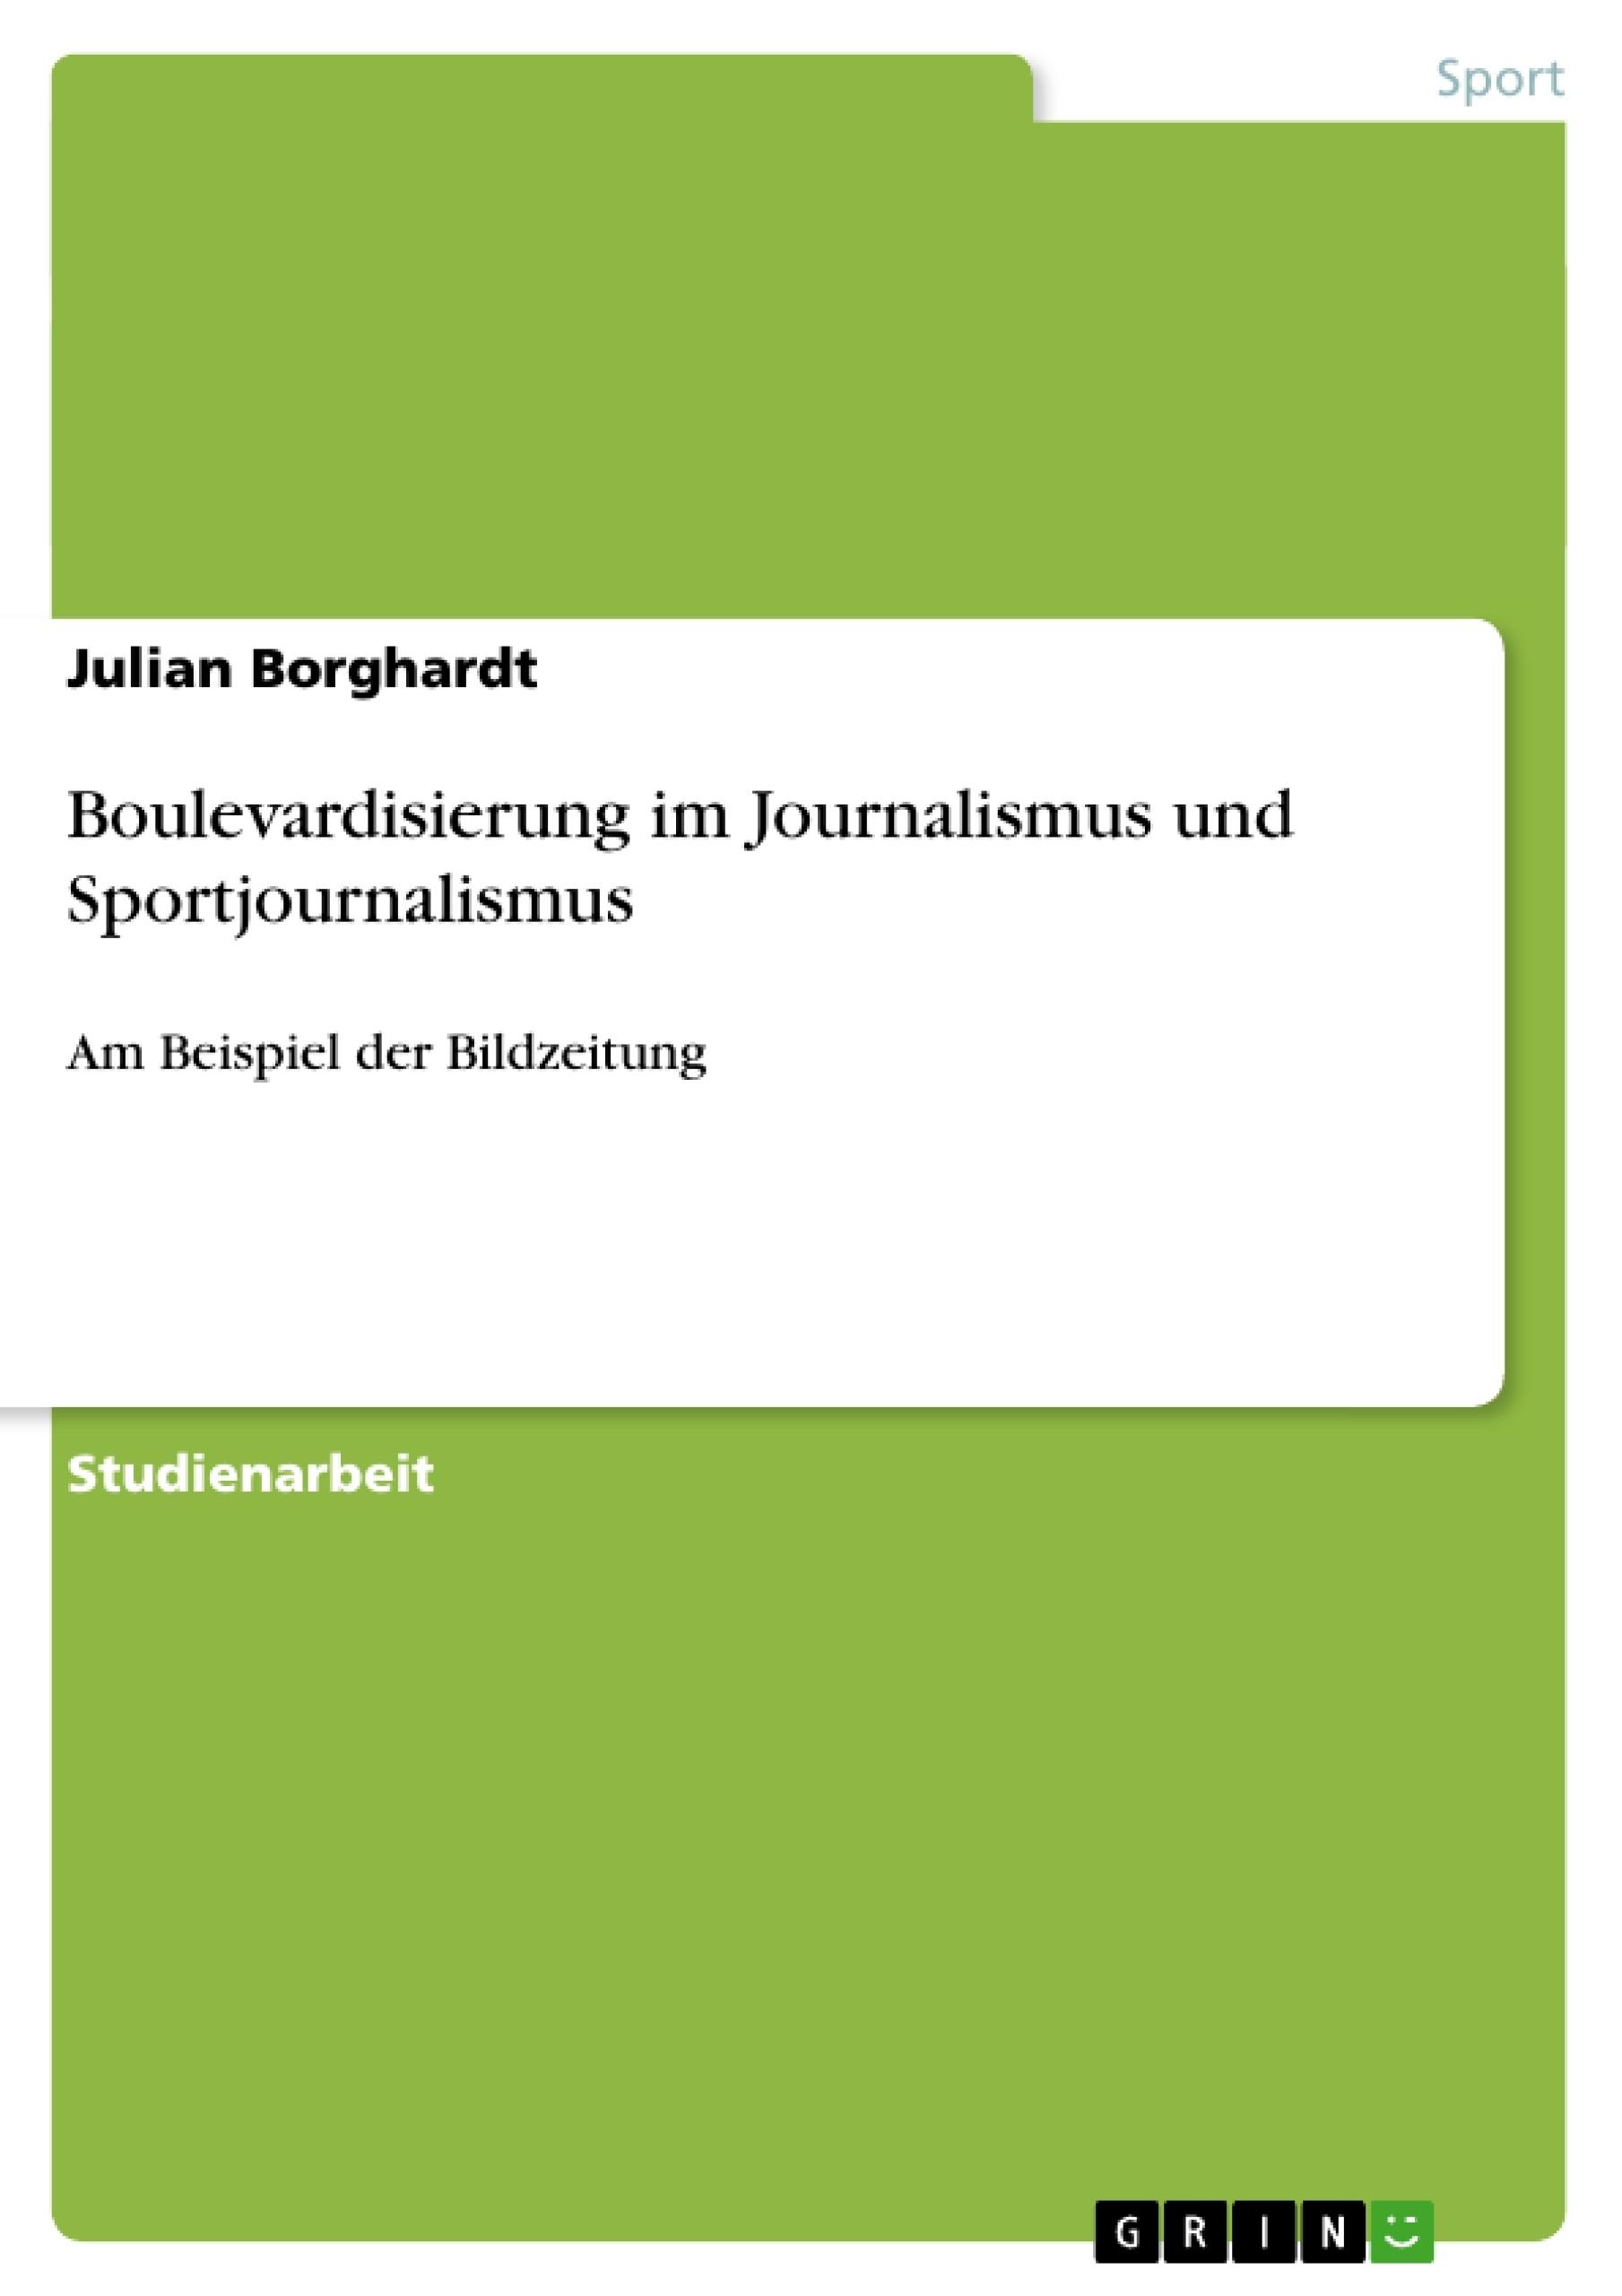 Titel: Boulevardisierung im Journalismus und Sportjournalismus